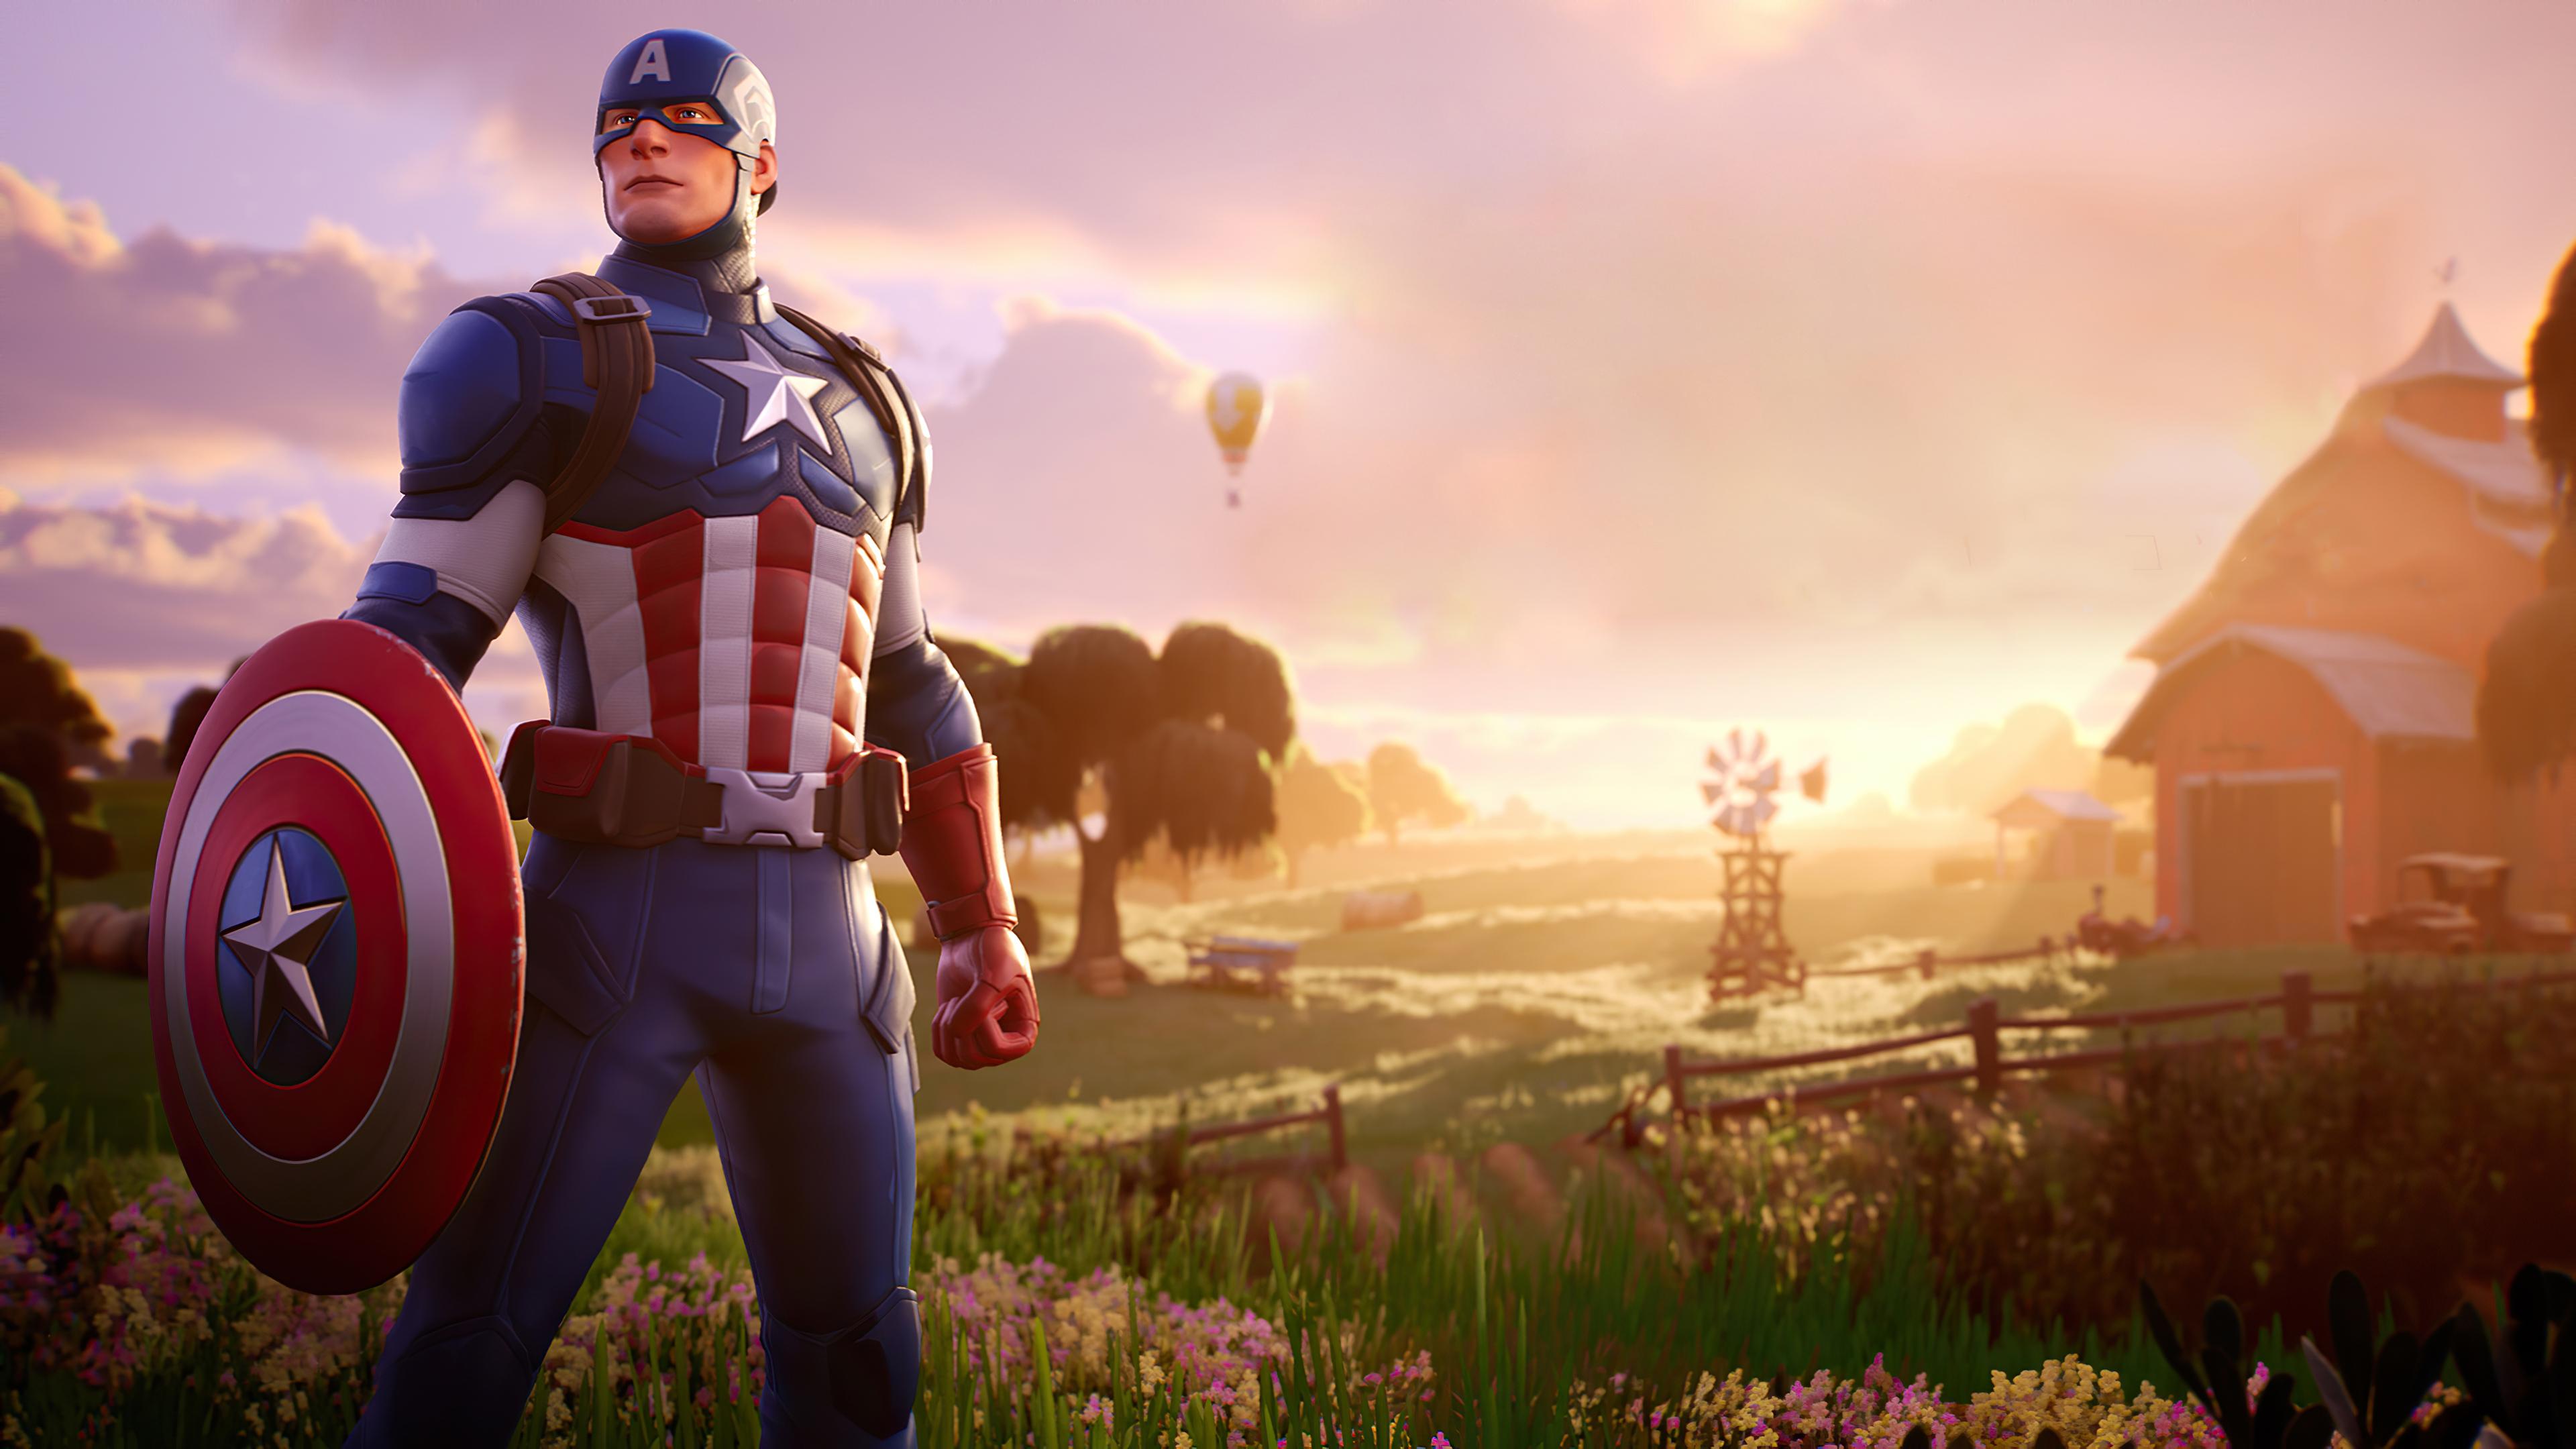 Wallpaper 4k Captain America Fortnite Captain America Fortnite 4k Wallpapers Captain America Fortnite Wallpapers